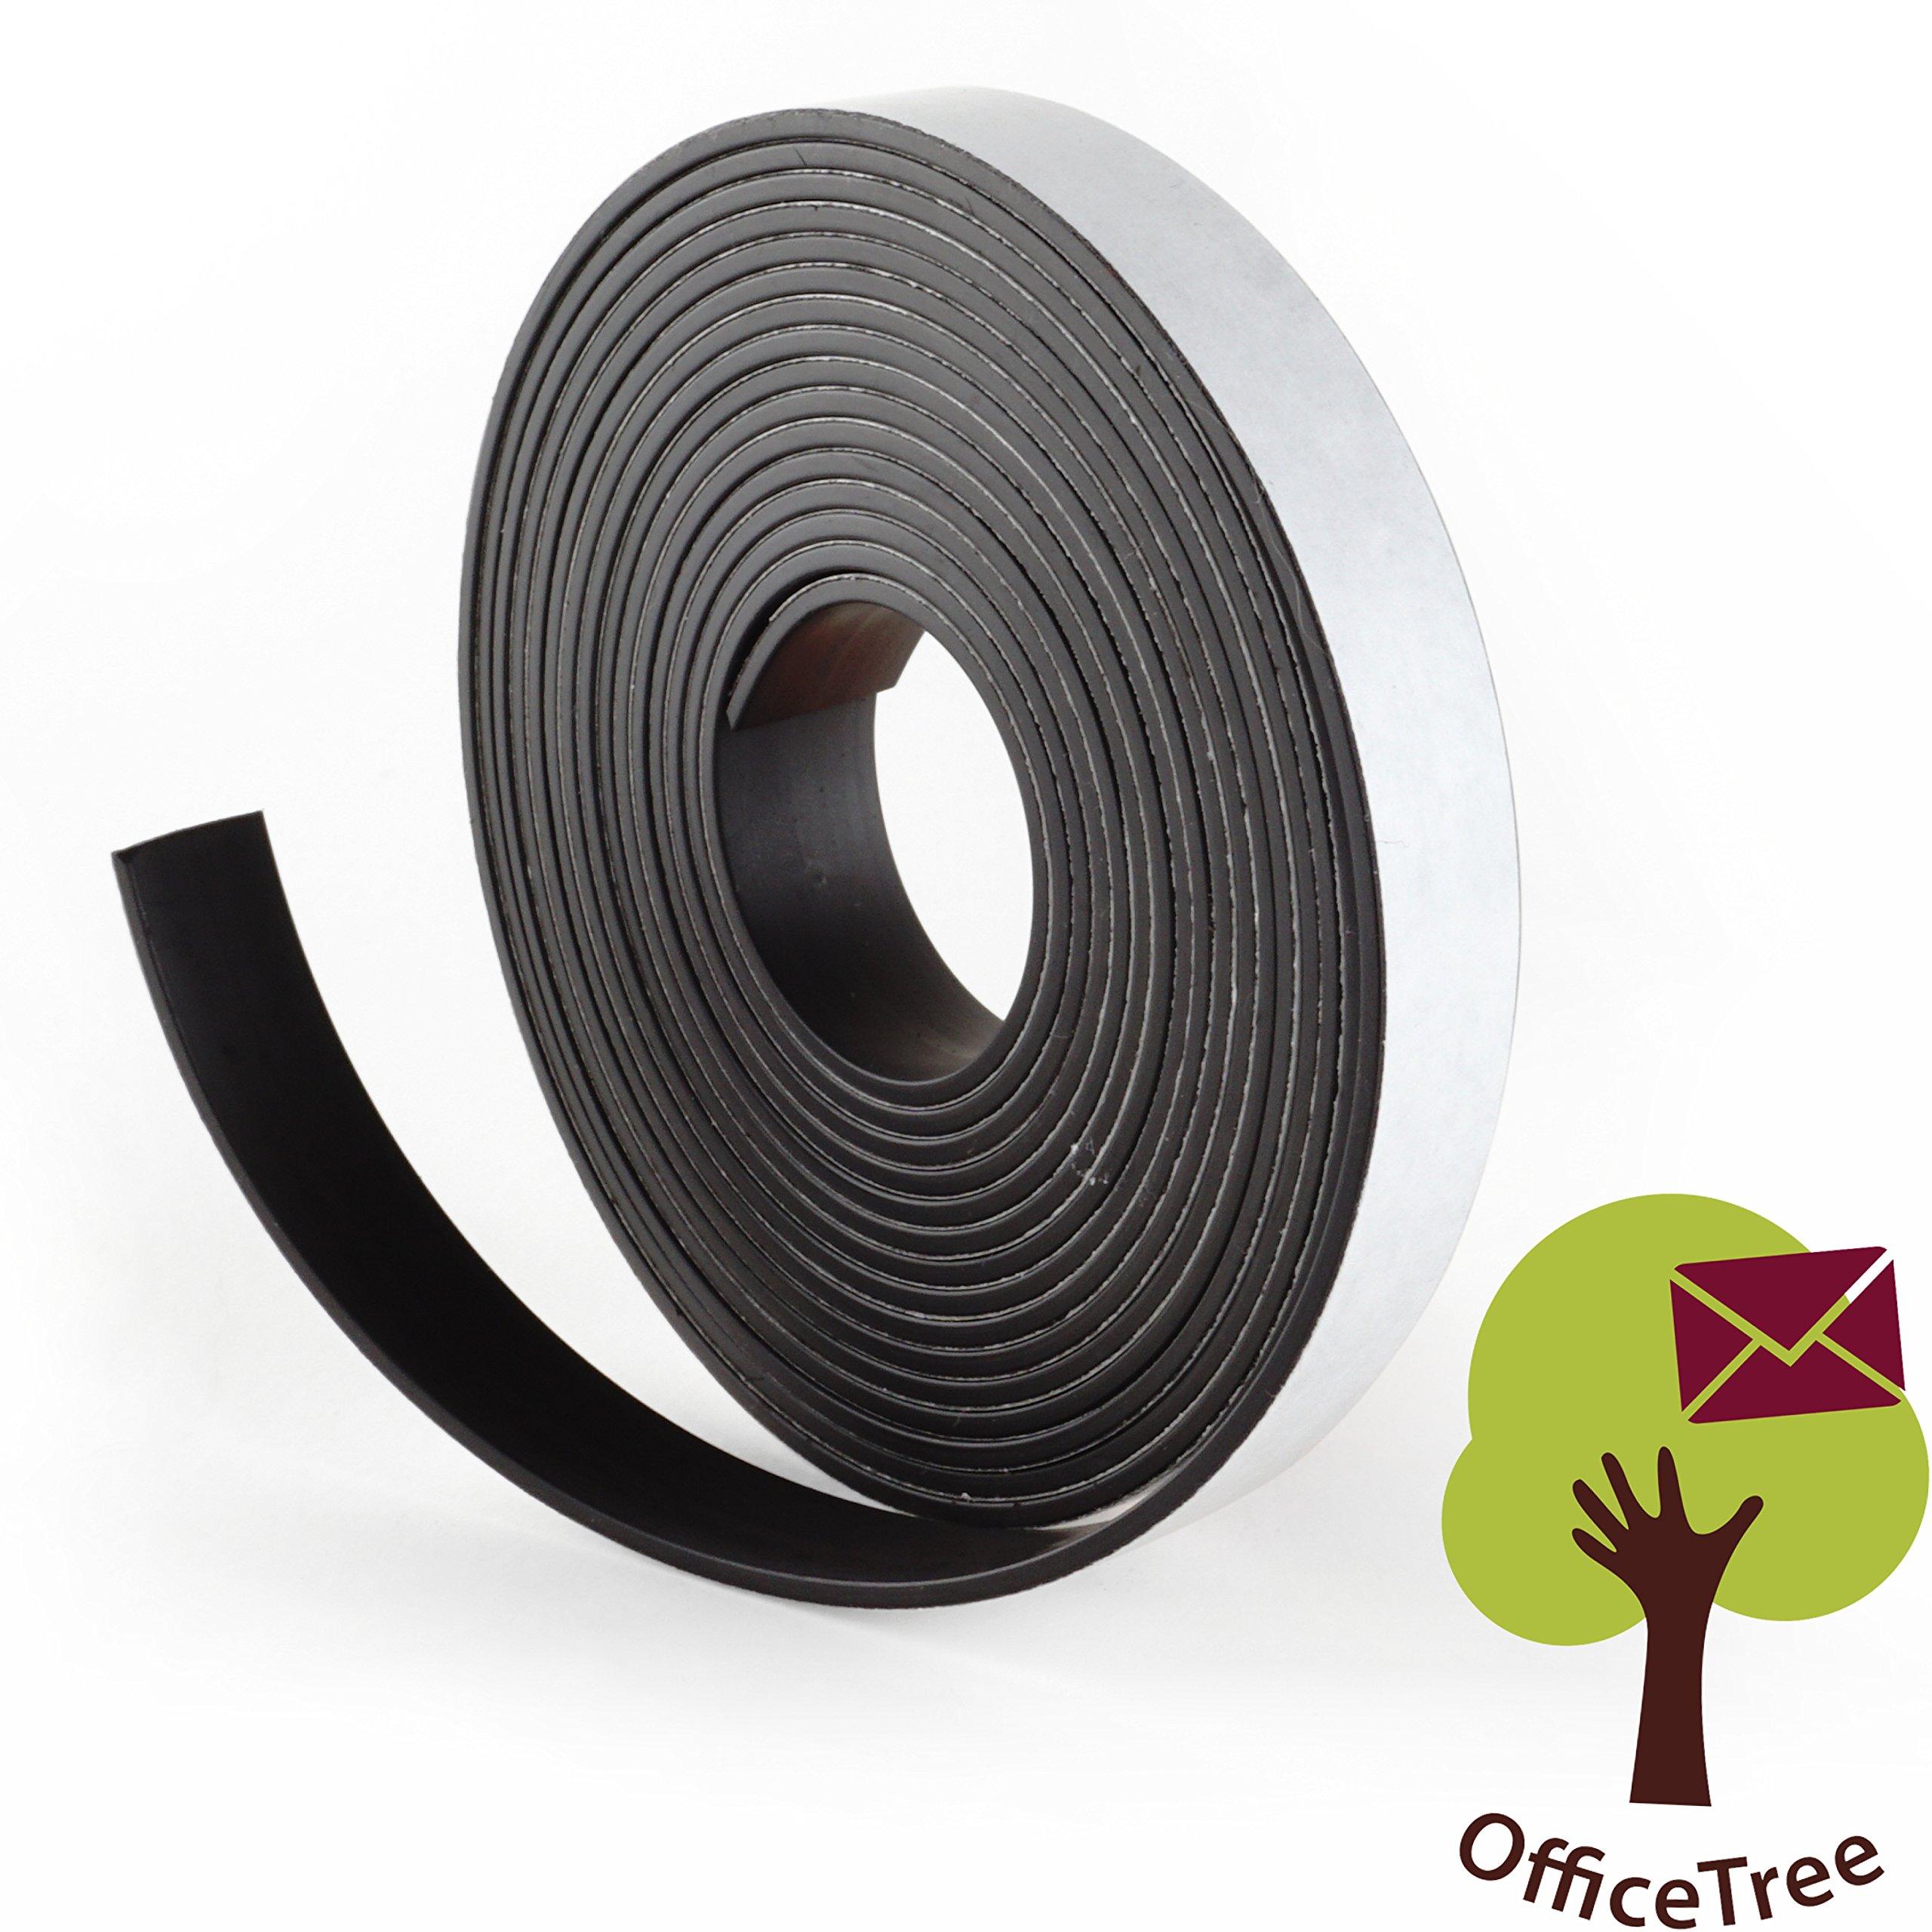 OfficeTree ® Cinta mágnética - 3 m - Cinta autoadhesiva para la imantación fija de carteles, fotos, papeles - Adherencia extra fuerte sobre pizarra blanca, pizarra magnética - negro